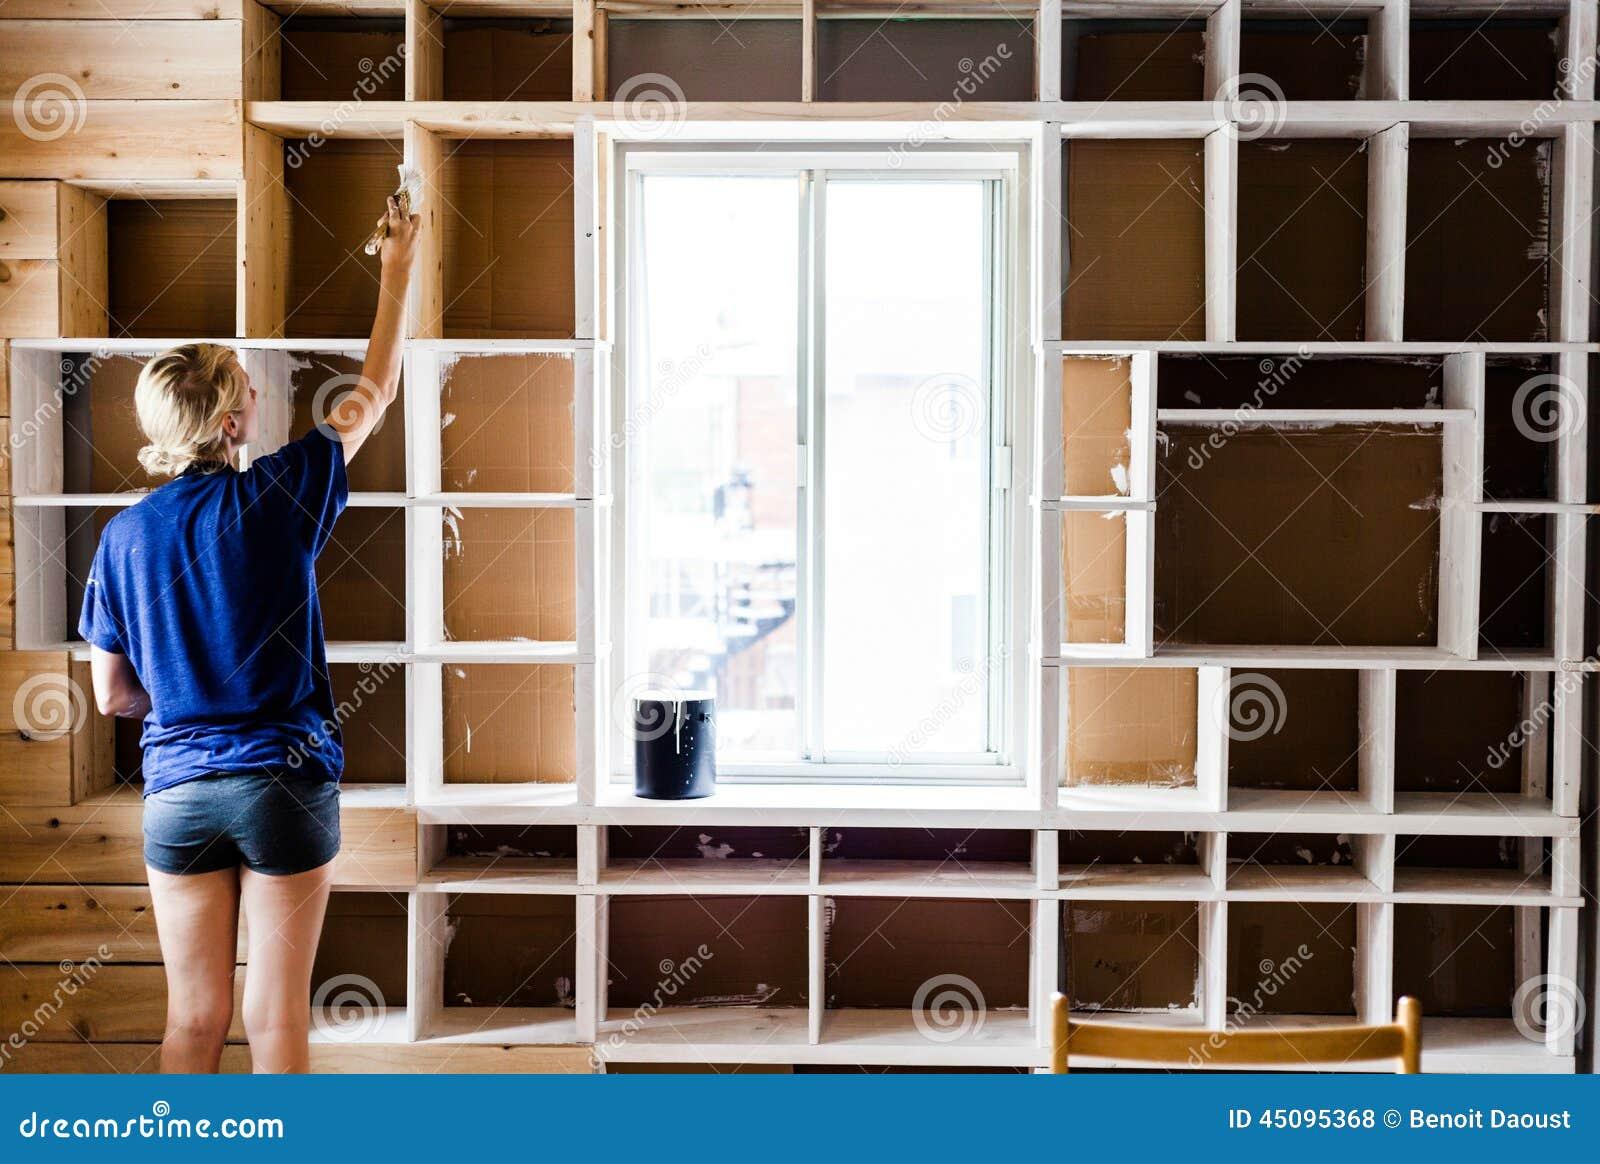 femme appliquant la premi re couche de peinture sur une biblioth que en bois photo stock image. Black Bedroom Furniture Sets. Home Design Ideas